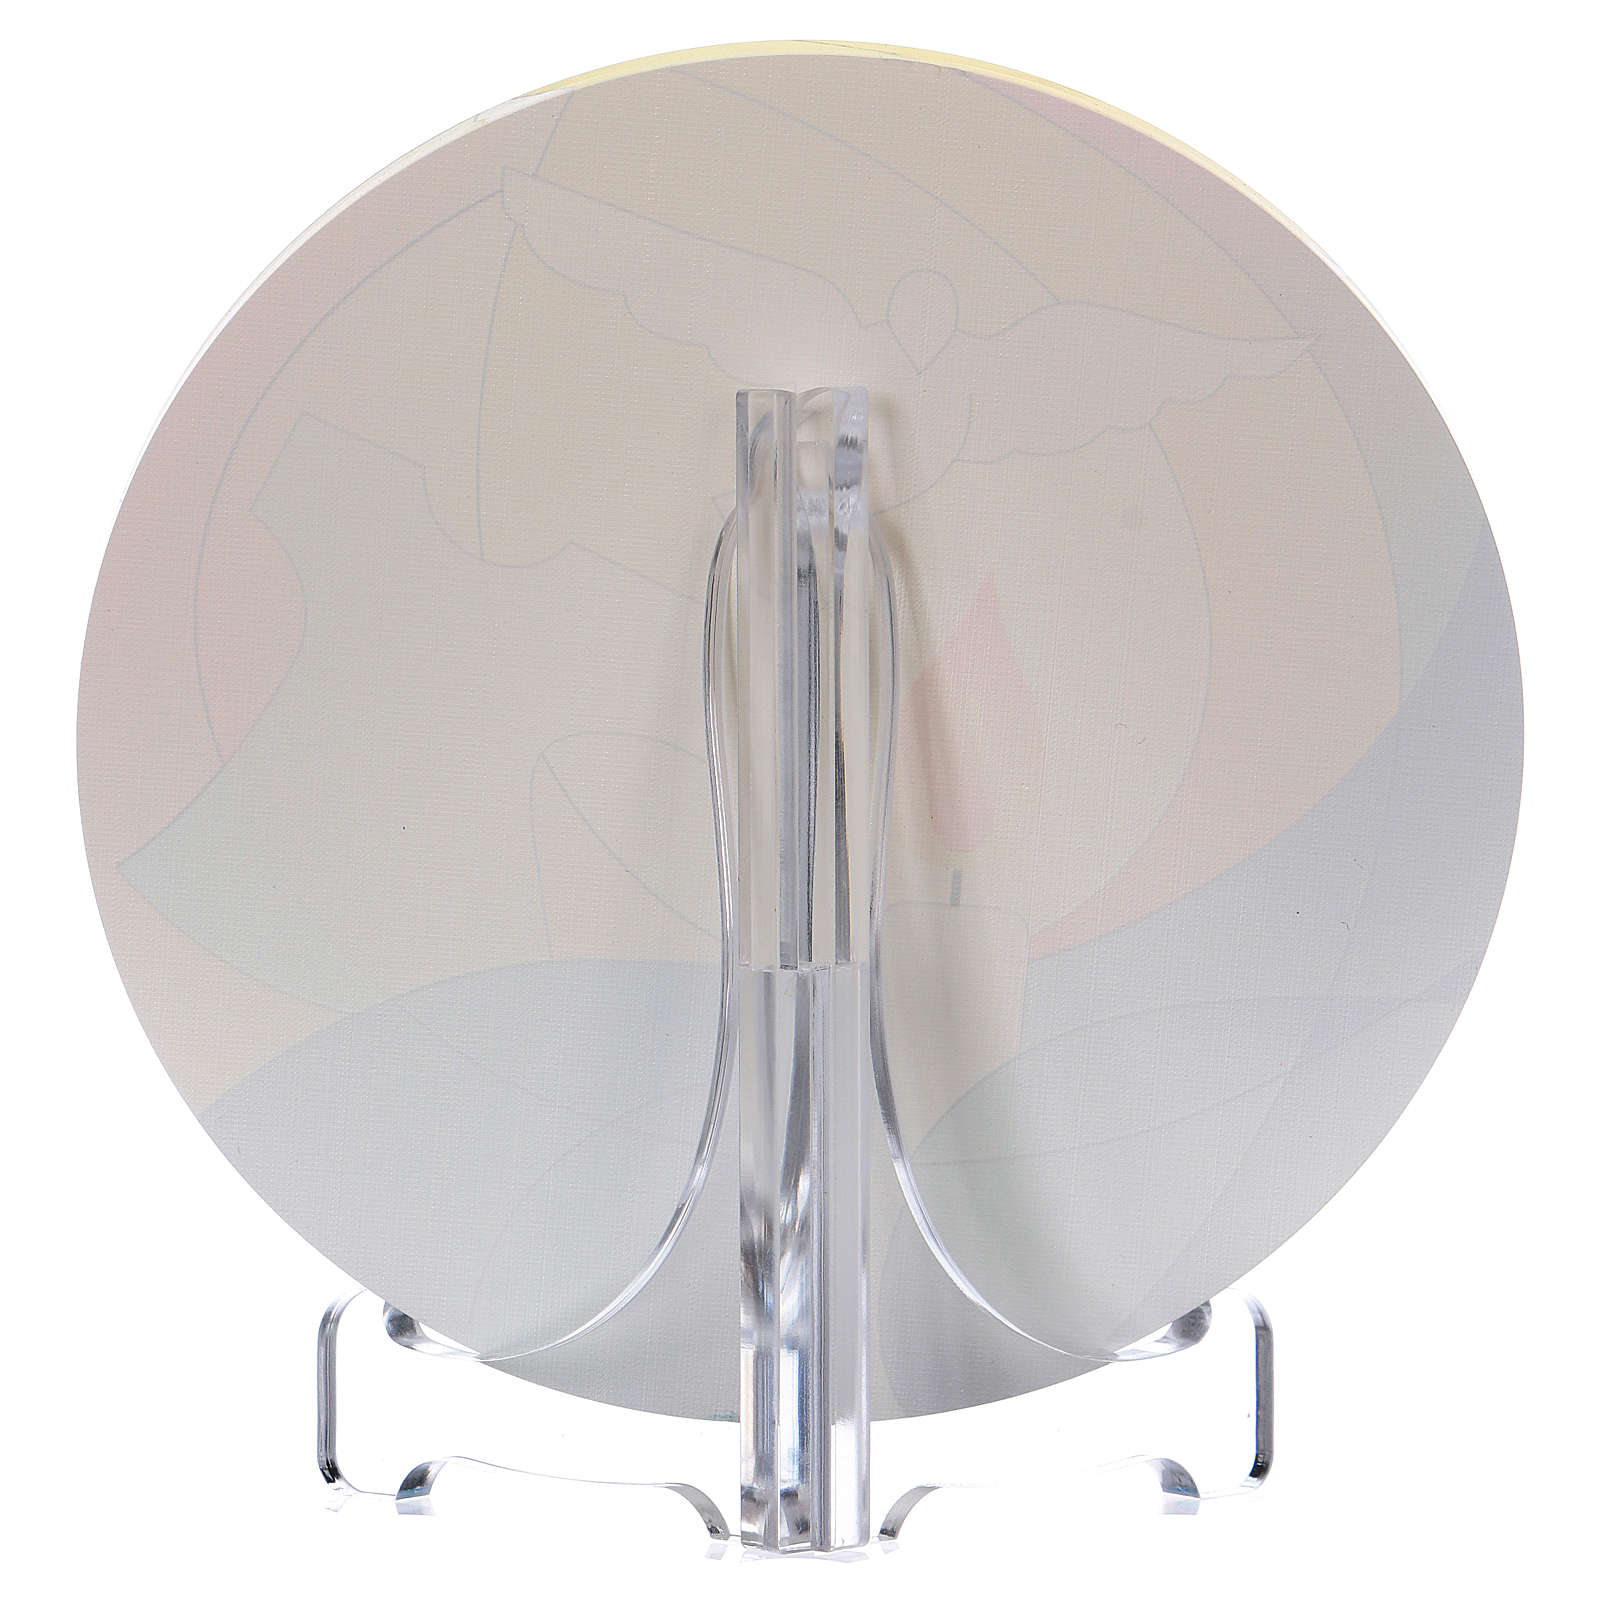 Bomboniera plexi comunione diametro 10 cm Centro Ave 3